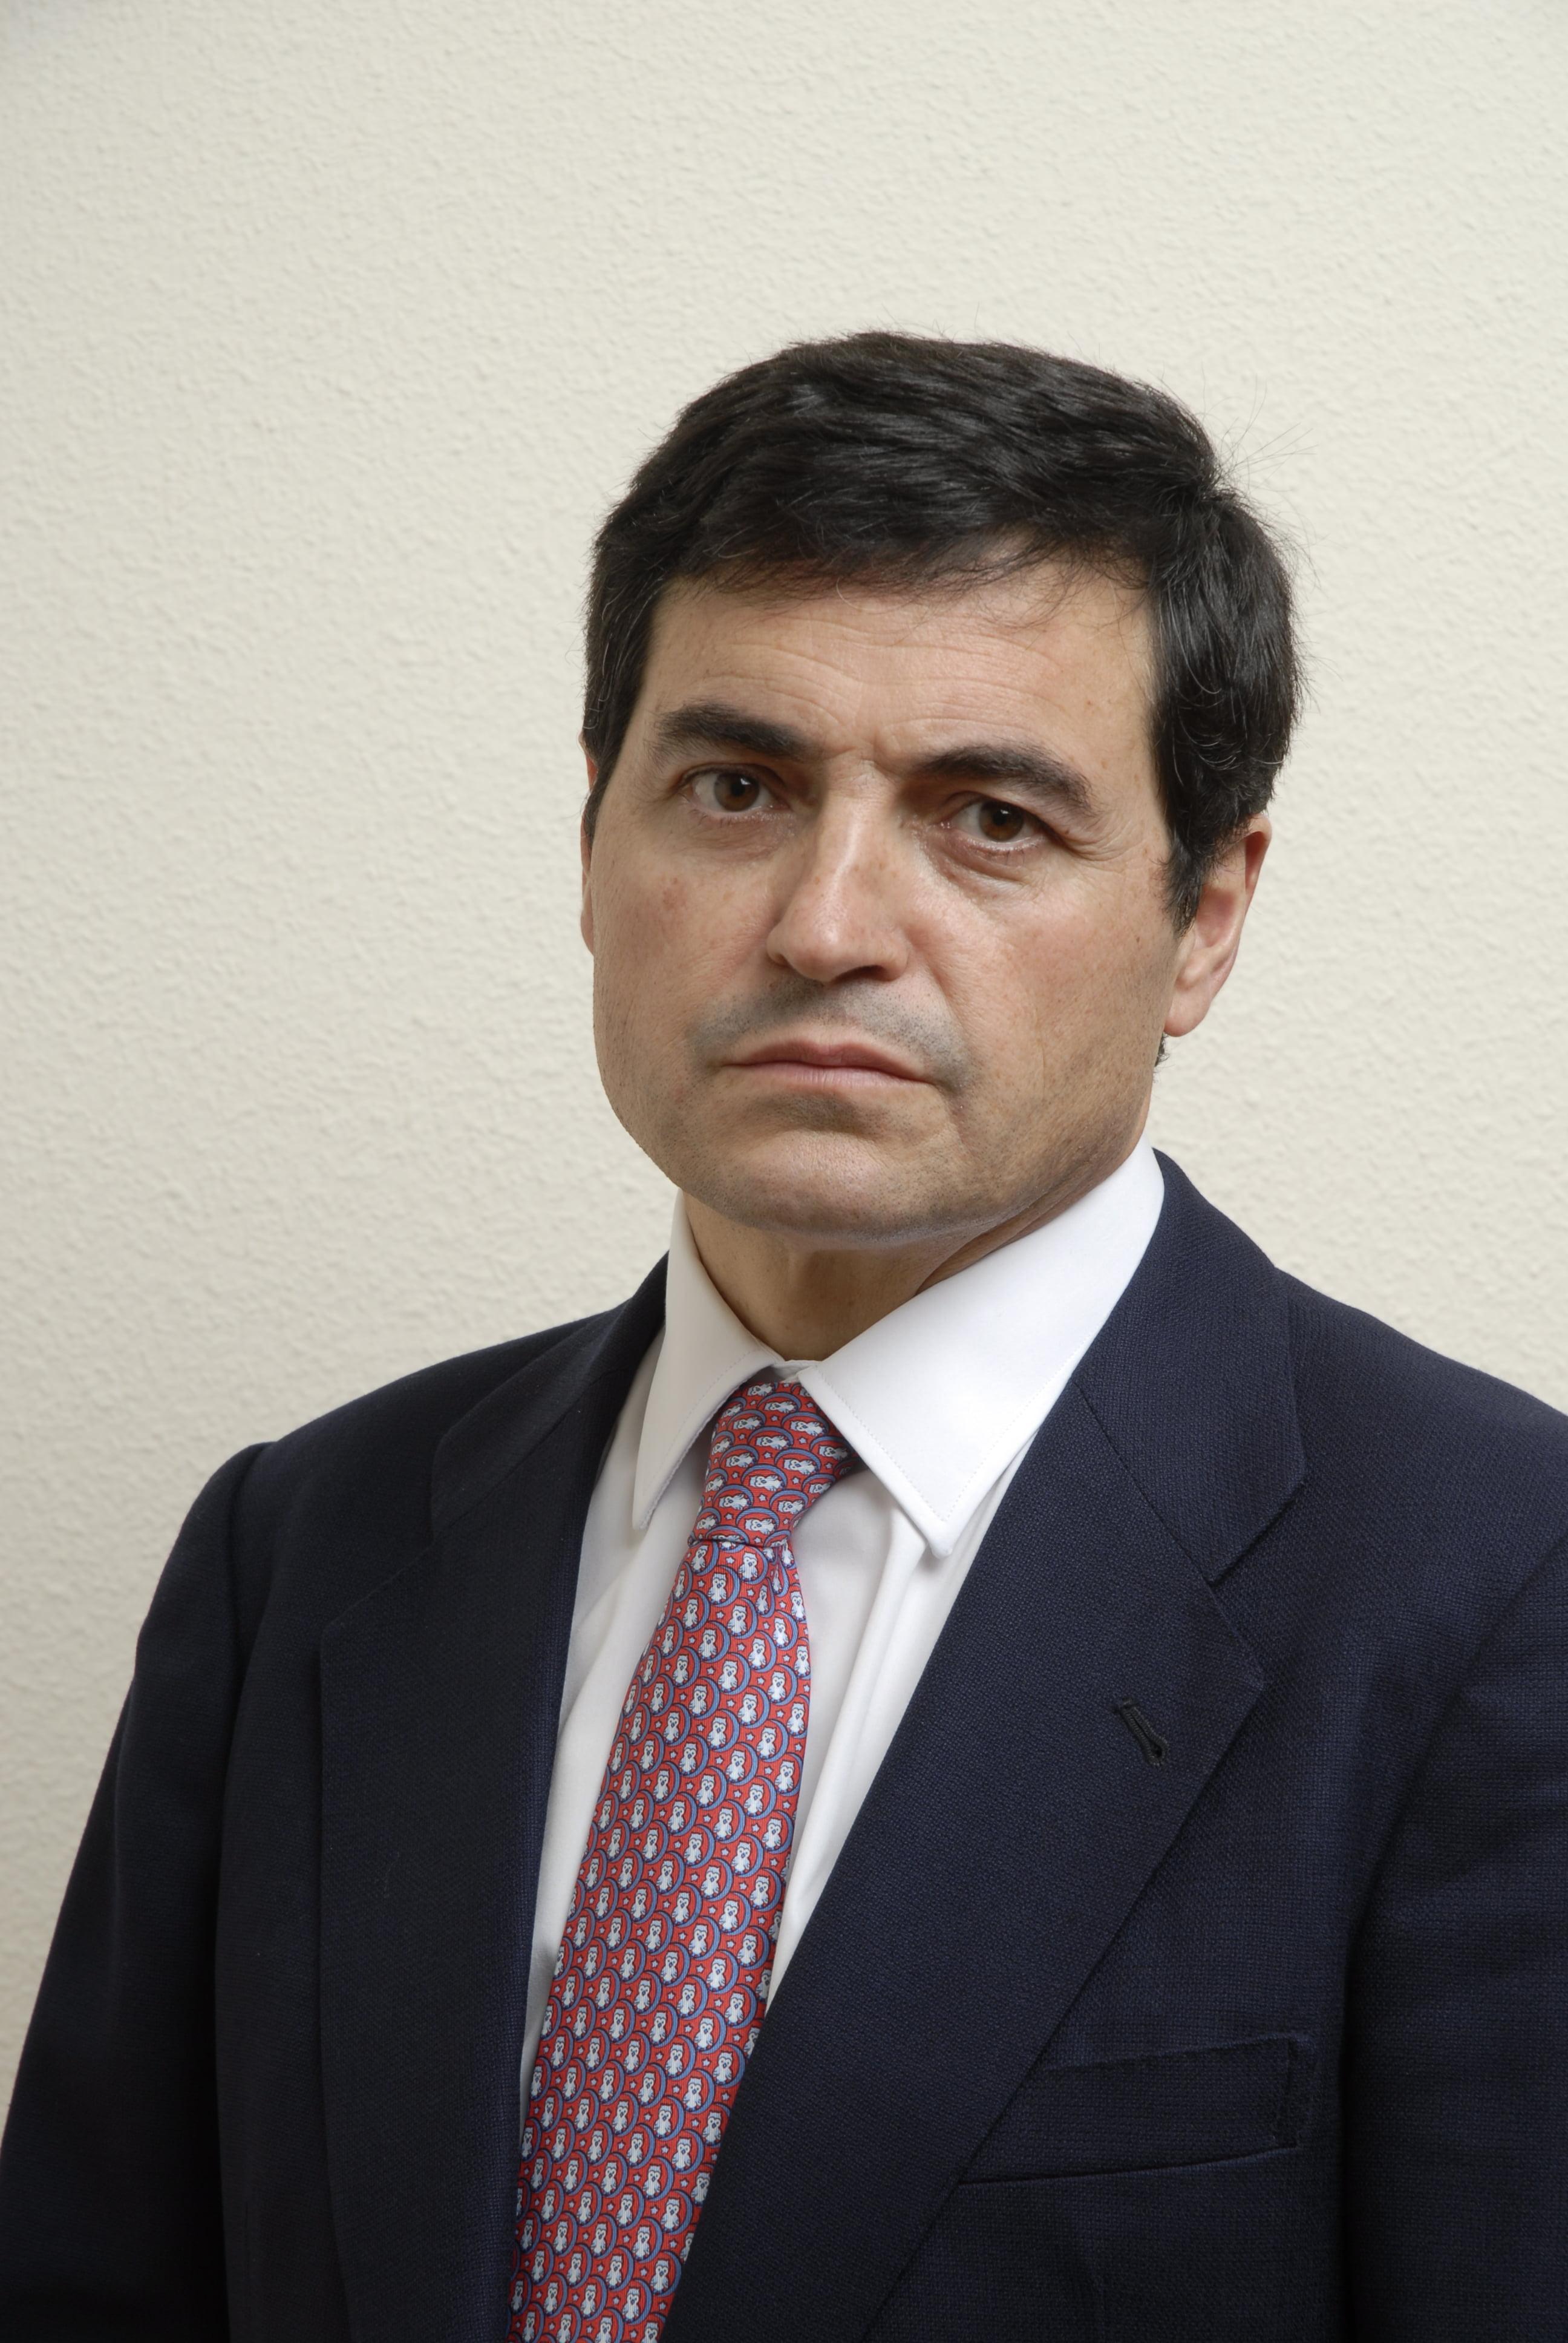 Sr. Jesús Calvo Soria